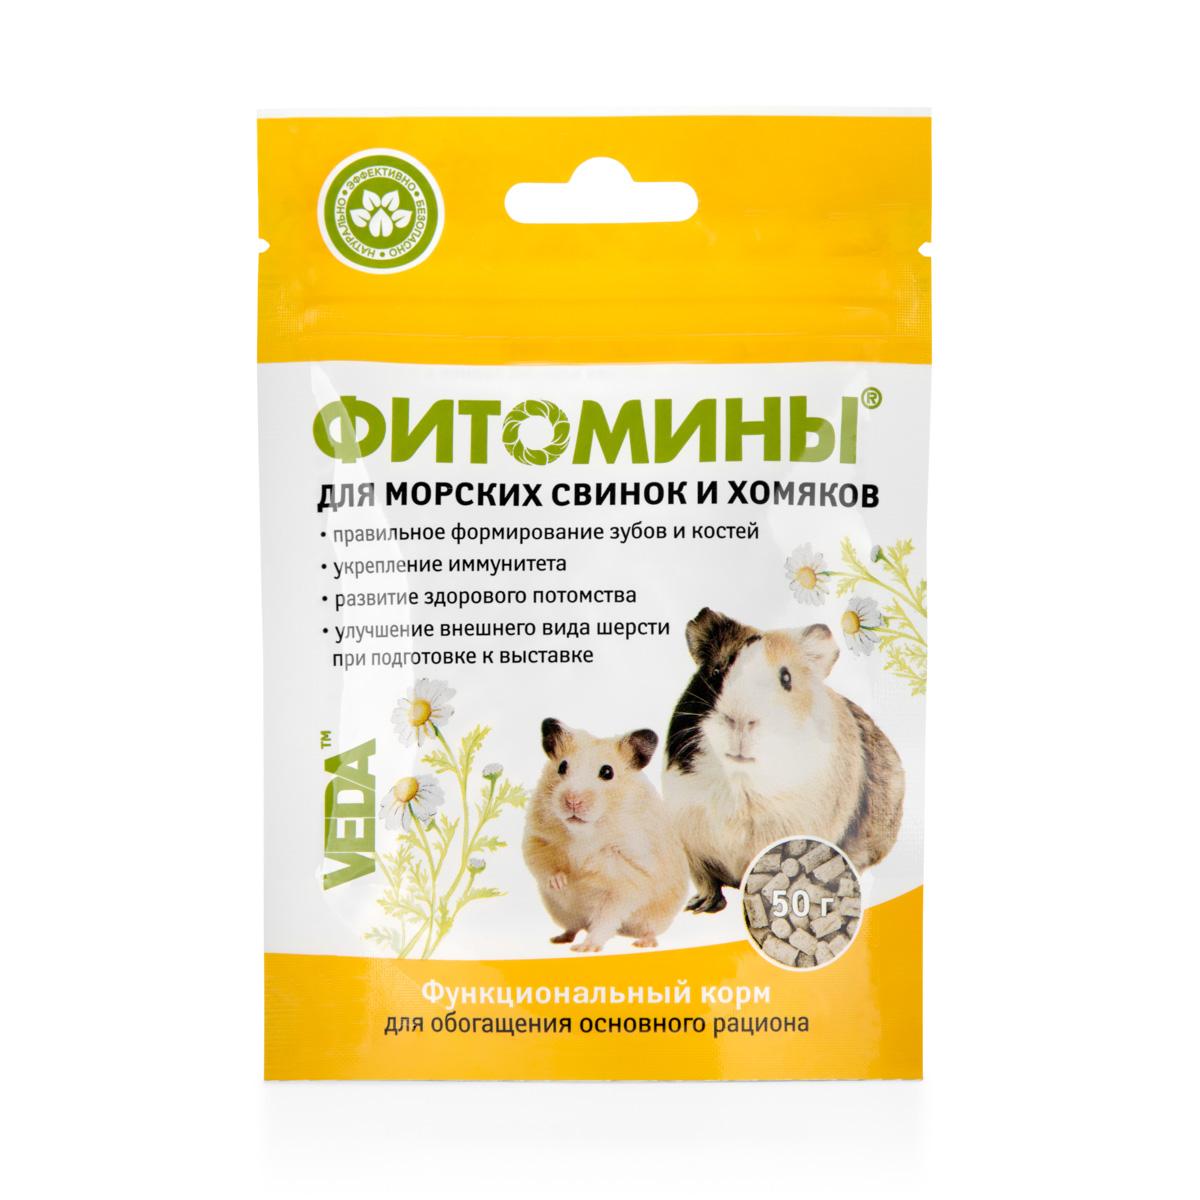 Корм для морских свинок и хомяков VEDA Фитомины, функциональный, 50 г4605543006180Корм функциональный VEDA Фитомины восполняет рацион морских свинок и хомяковдефицитными витаминами, макро- имикроэлементами.Рекомендуется включать в рацион:- для правильного формирования зубов и костей, - для укрепления общего иммунитета, - для обеспечения рождения здорового потомства, - при подготовке к выставкам для улучшения состояния шерсти.Состав: сок с мякотью морковный, сок с мякотью тыквенный; природный минеральныйкомплекс; серакормовая; аскорбиновая кислота; фитокомплекс экстрактов растений: плодов шиповника,травы эхинацеипурпурной, корневищ аира, травы подмаренника, травы череды, цветков лабазникавязолистного, цветковромашки, корней и корневищ солодки, корней лопуха; обогащенный кальций; ячмень без пленки;сухоеобезжиренное молоко; масло подсолнечное; соль поваренная пищевая; ароматизатор. В 100 г продукта содержится (не менее): углеводы 64,0 г; жиры 2,8 г; белки 15,0 г; кальций 600мг; витамин С100 мг; фосфор 360 мг; железо 15,0 мг; цинк 4 мг; магний 0,1 мг; марганец 0,1 мг; медь 0,3 мг;сера 200 мг;каротин 0,4 мг. Энергетическая ценность в 100 г: 340 ккал. Товар сертифицирован.